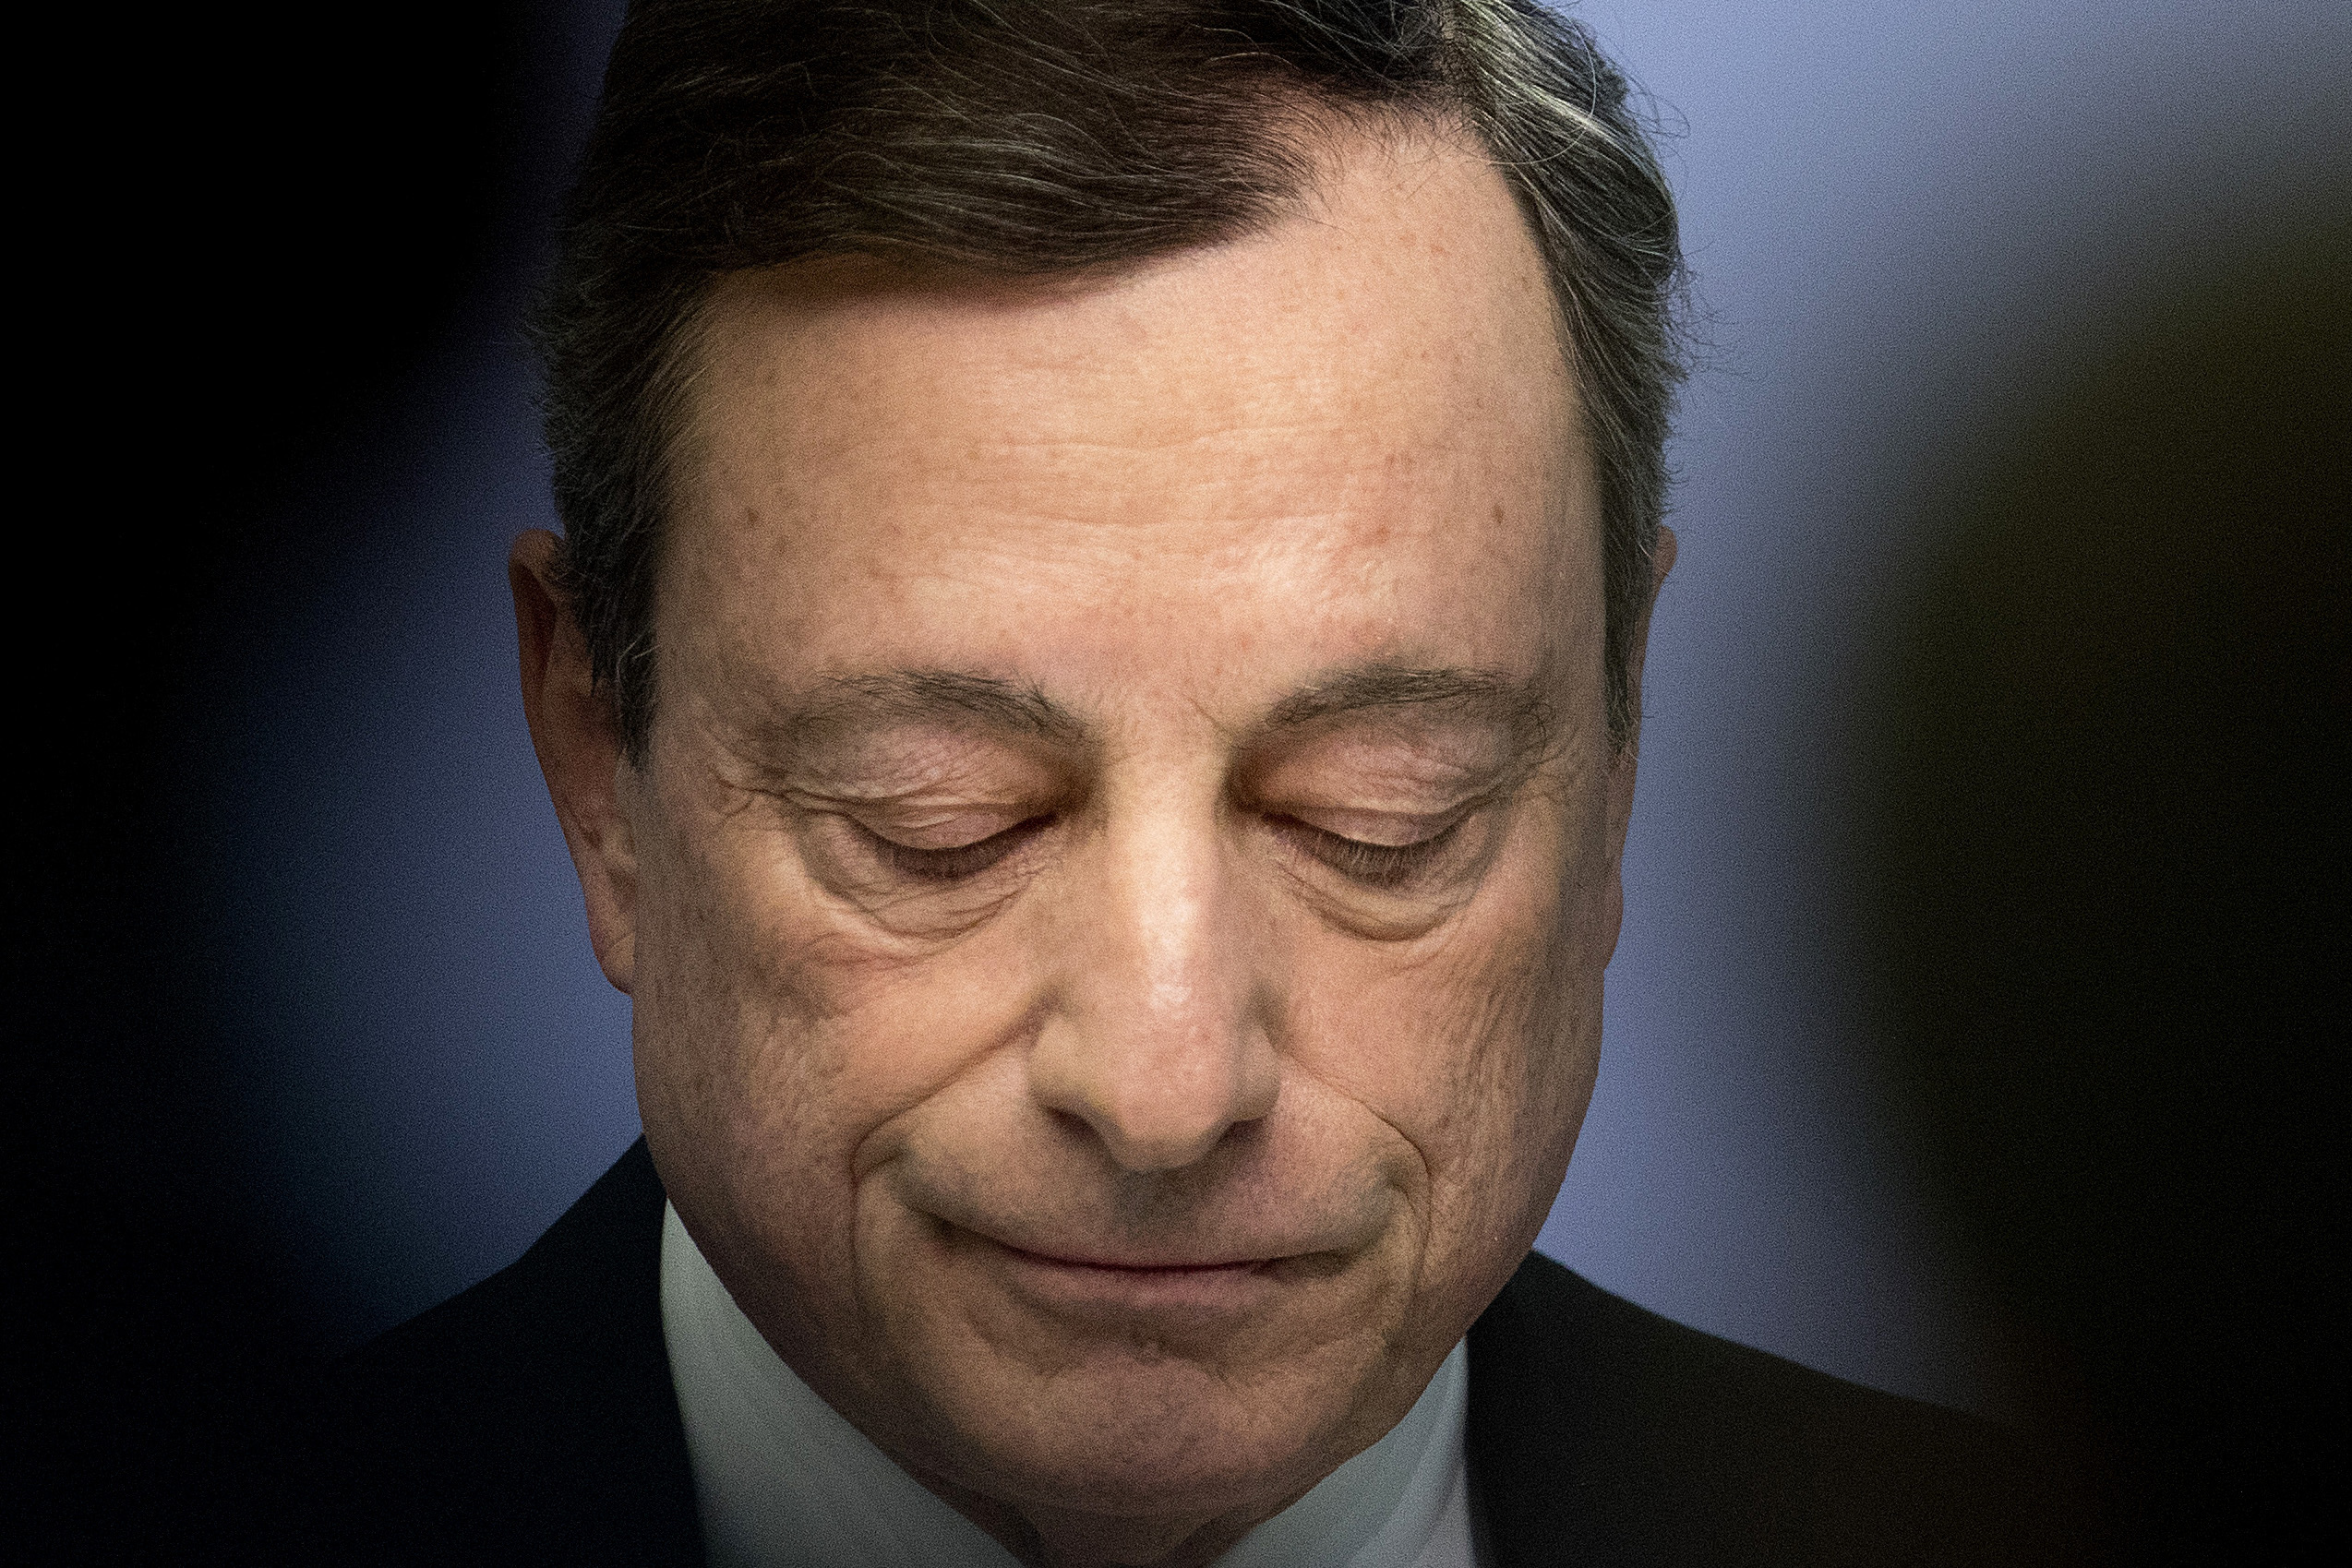 L'ex presidente della Banca centrale europea, Mario Draghi